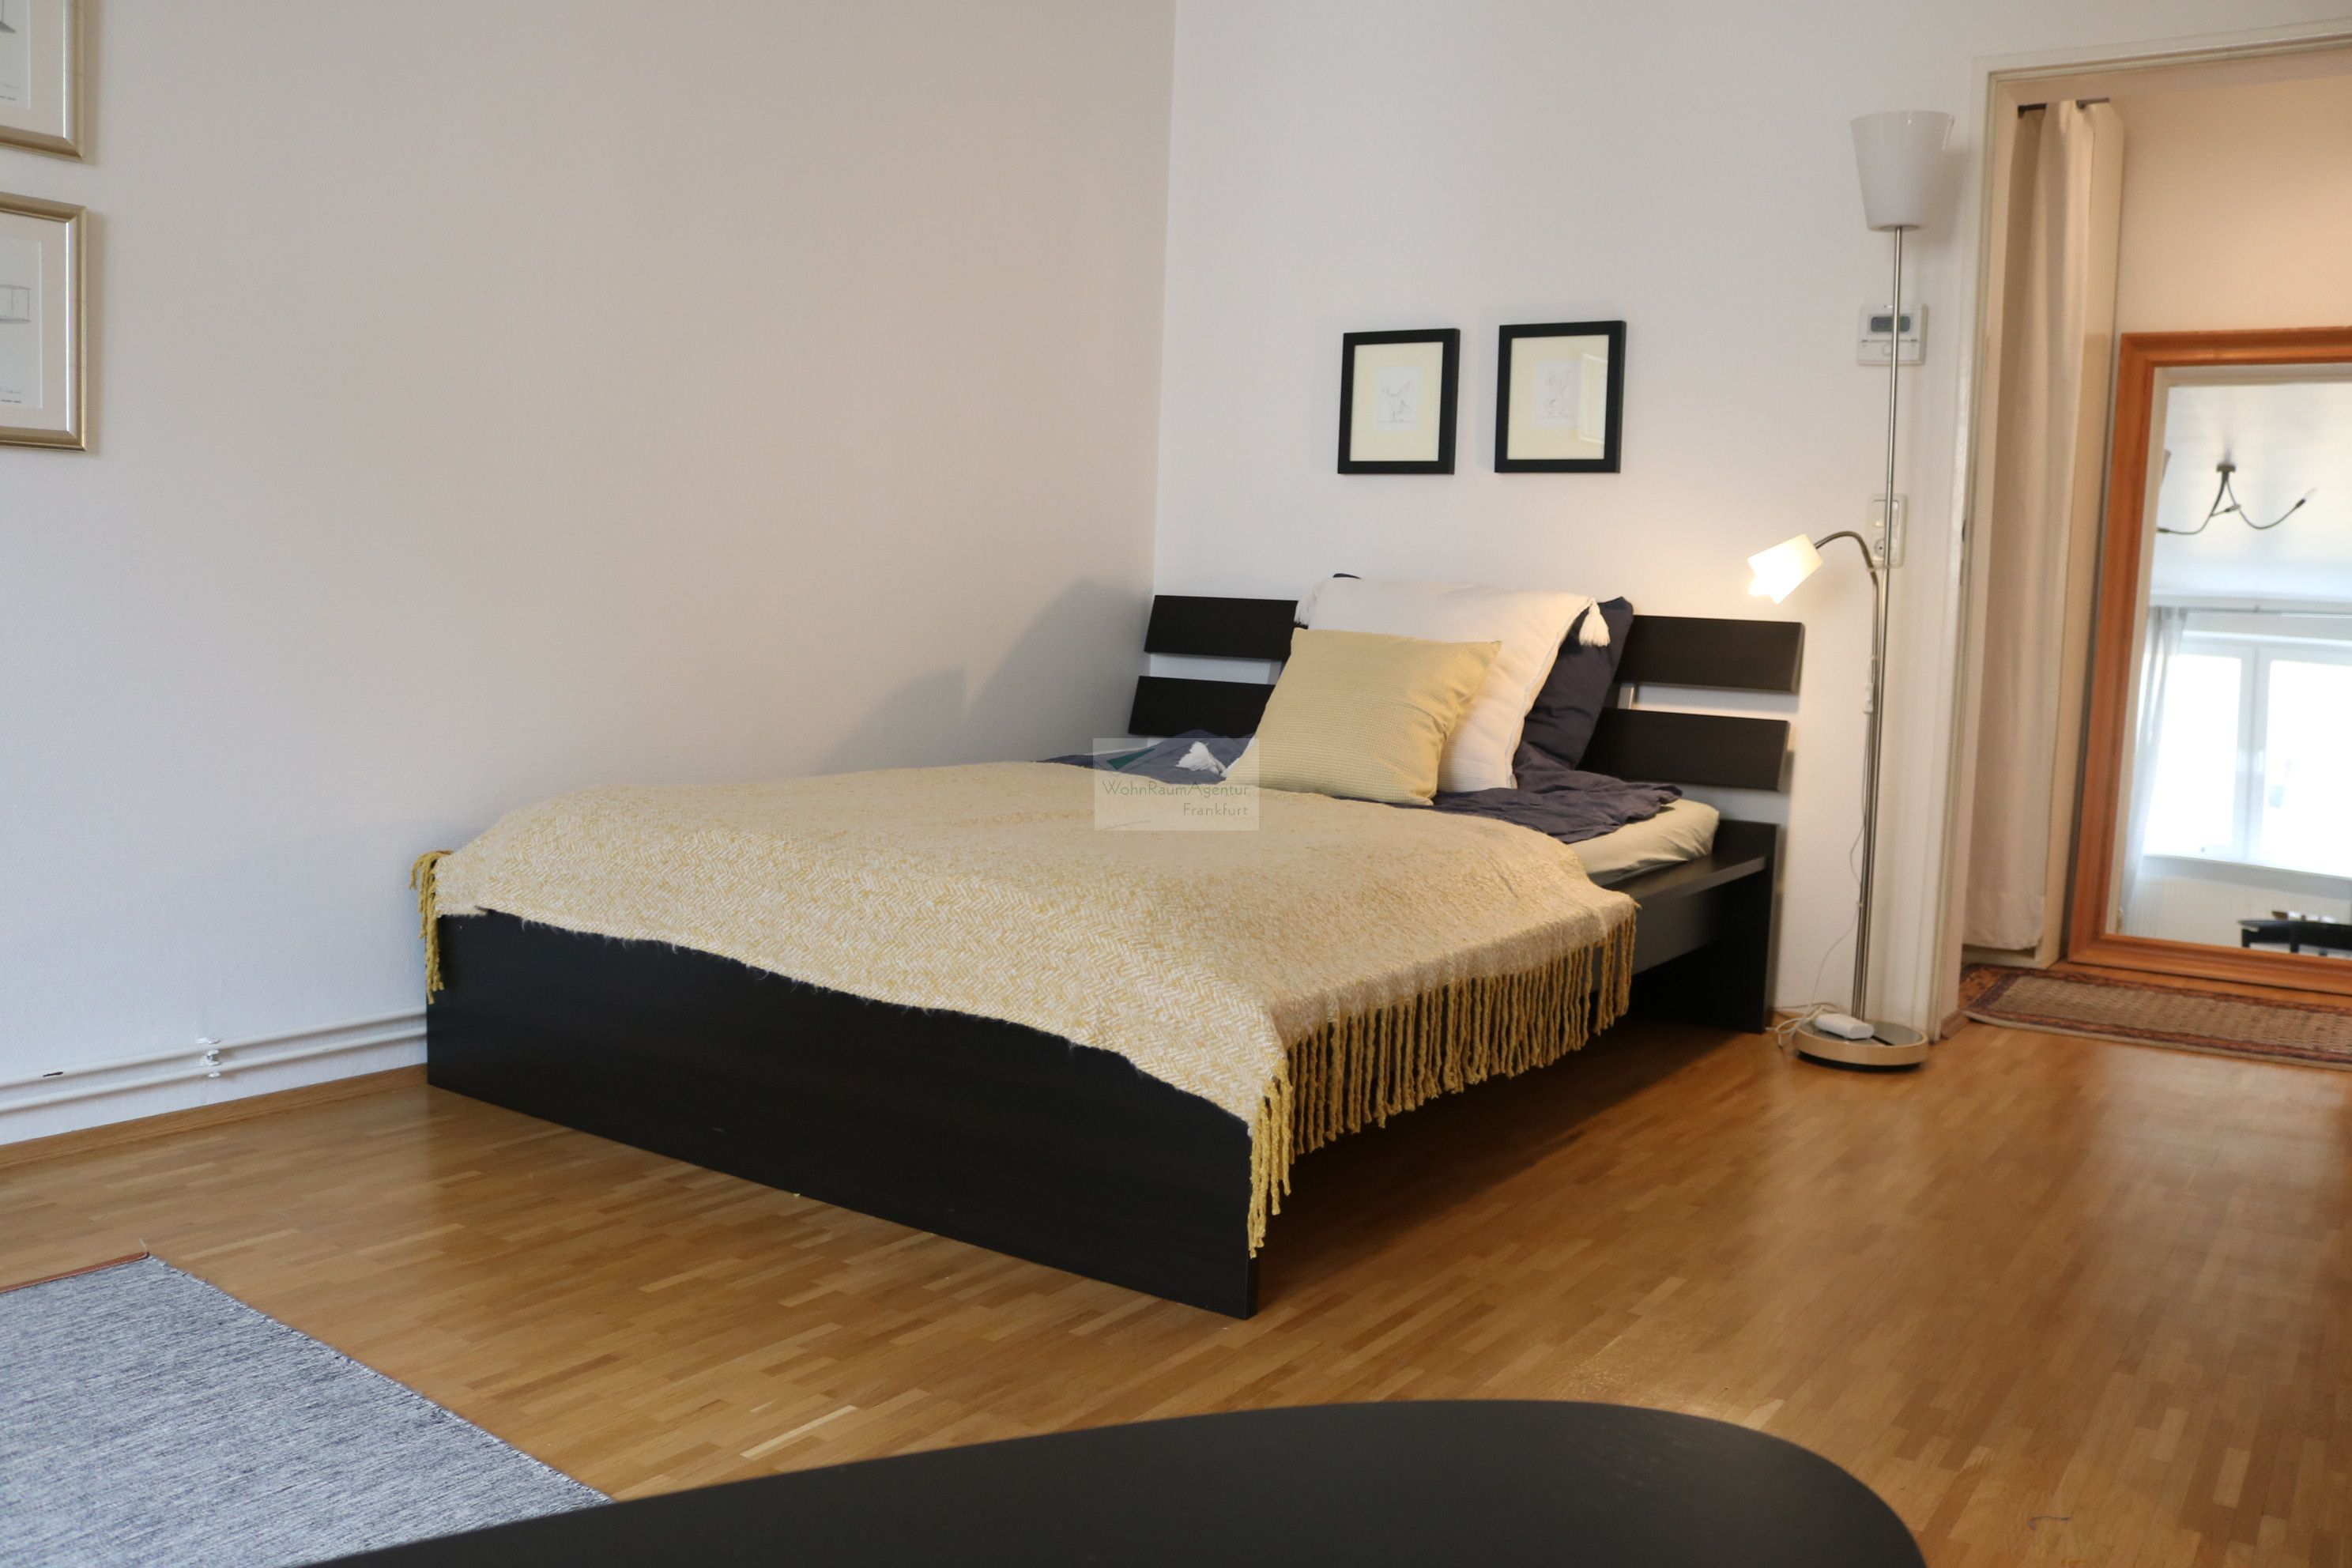 1 2 Zimmer Wohnung Frankfurt